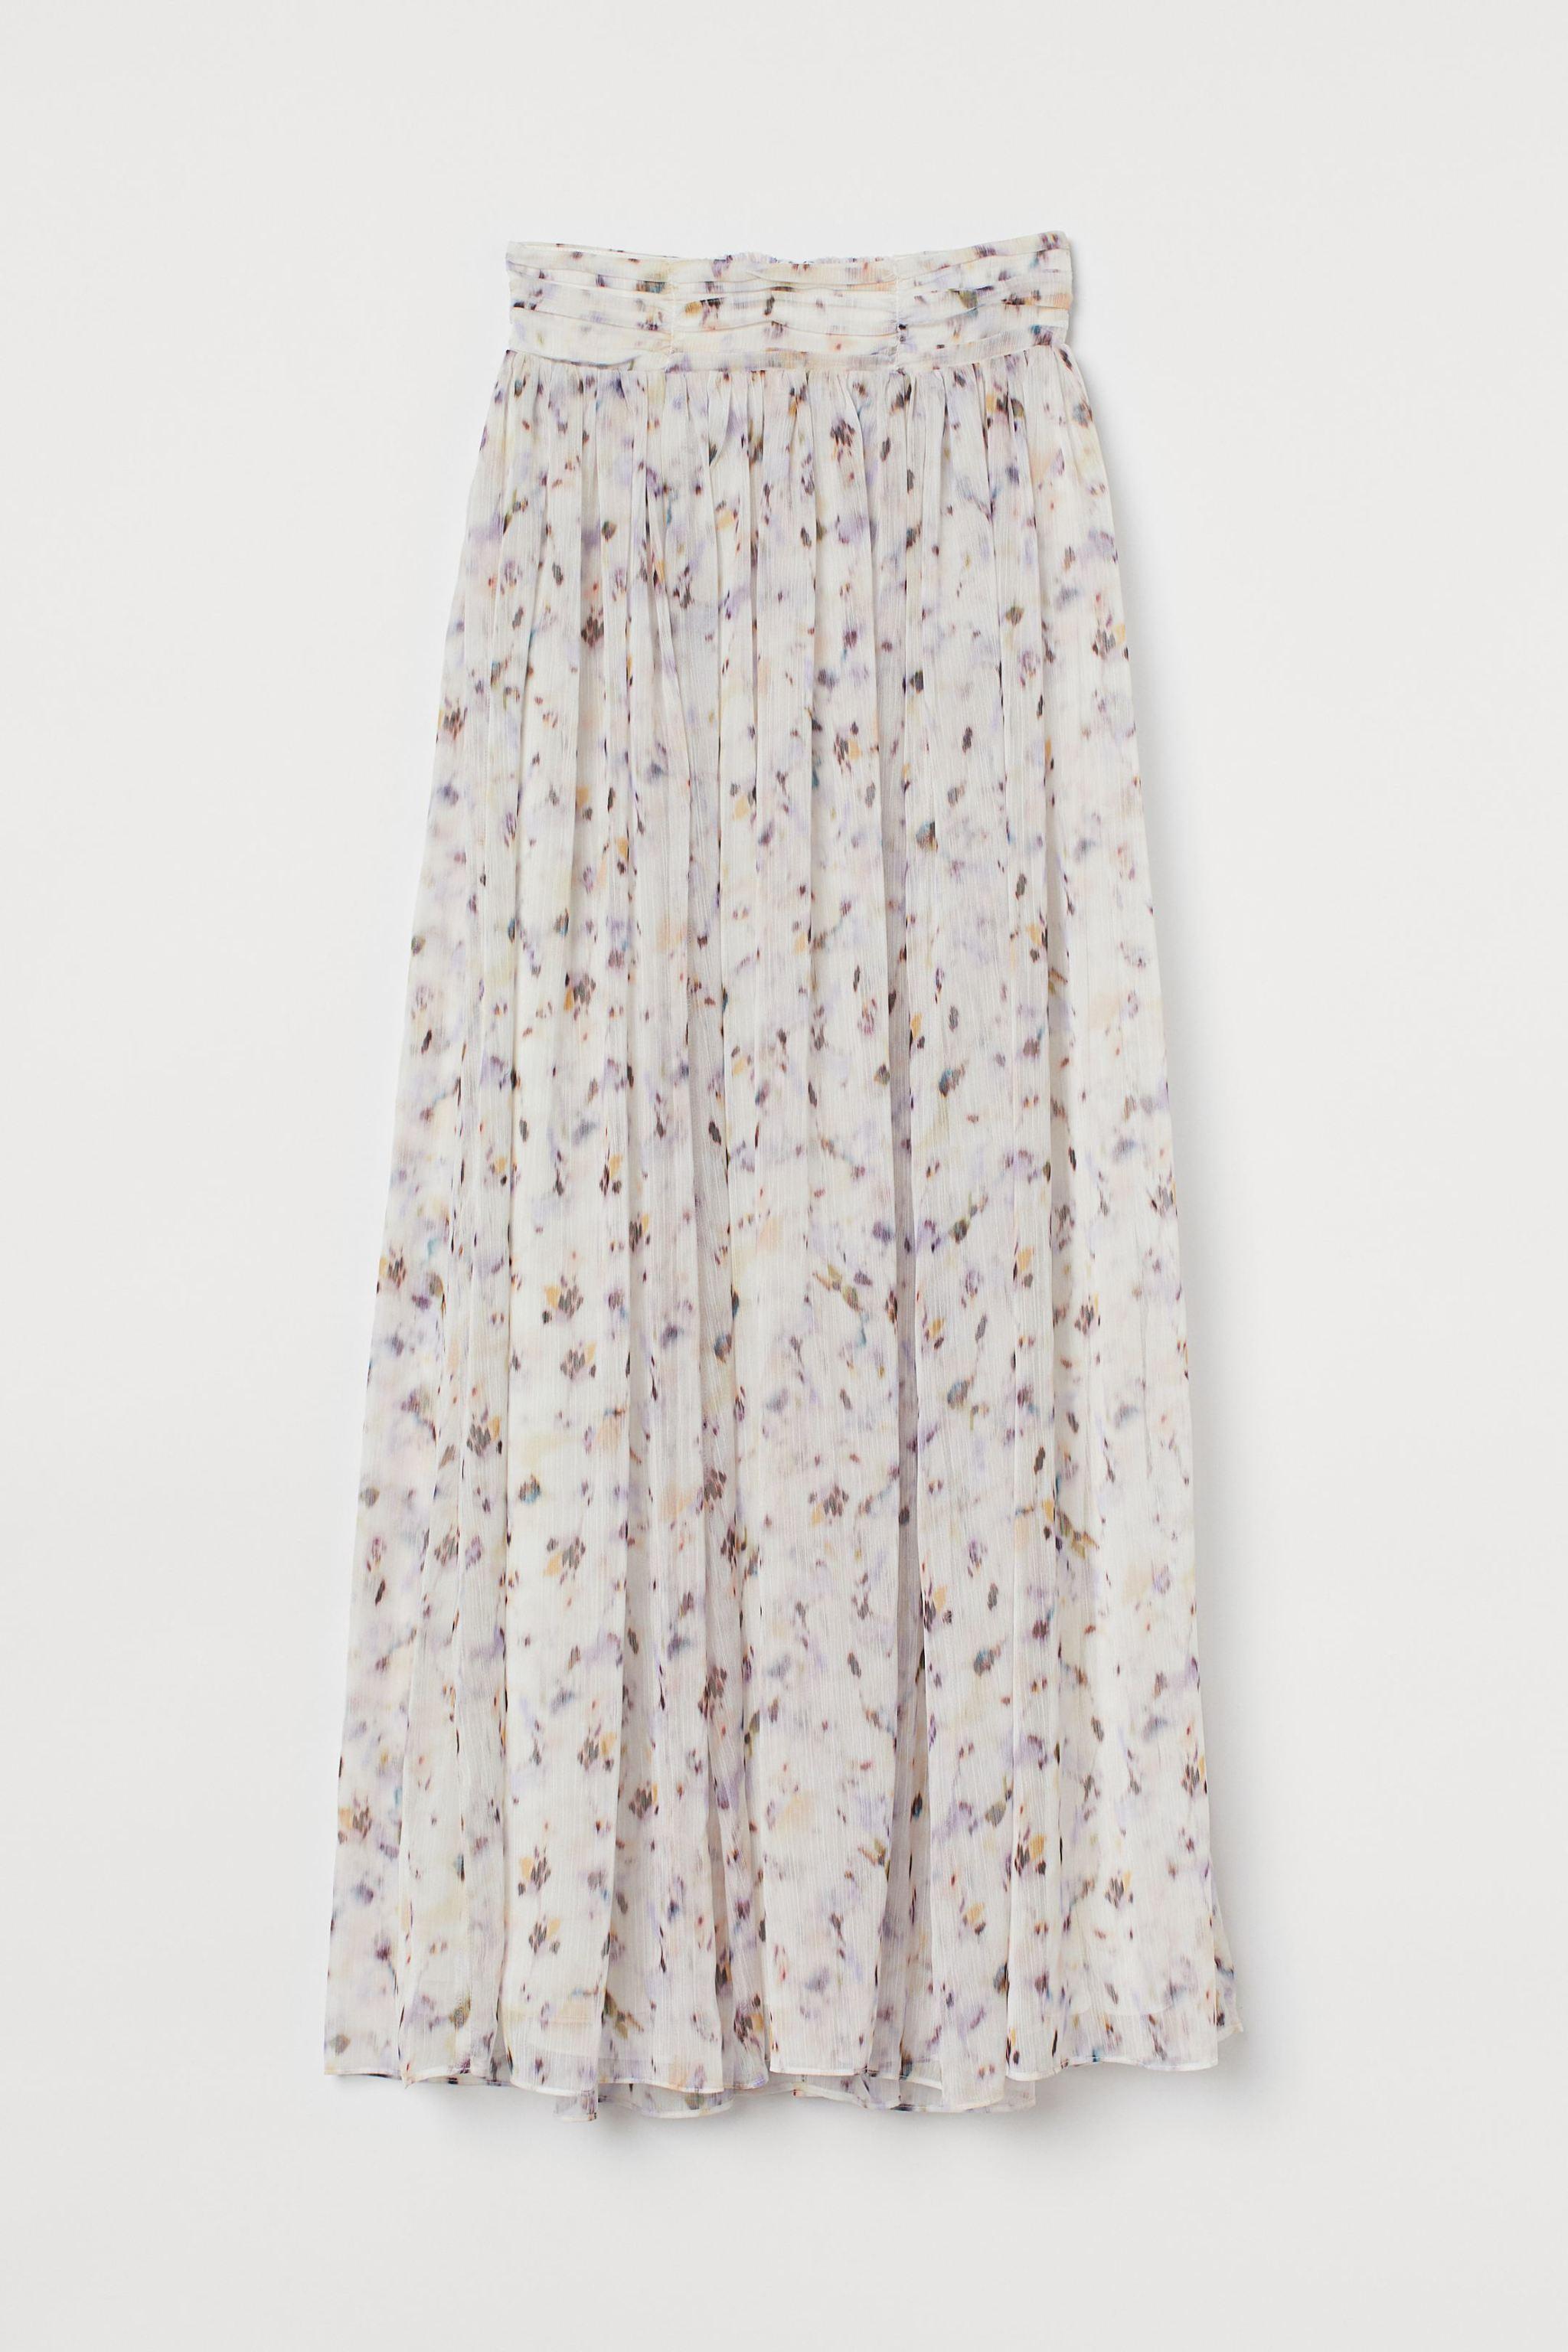 Falda de H&M (49,99 euros).